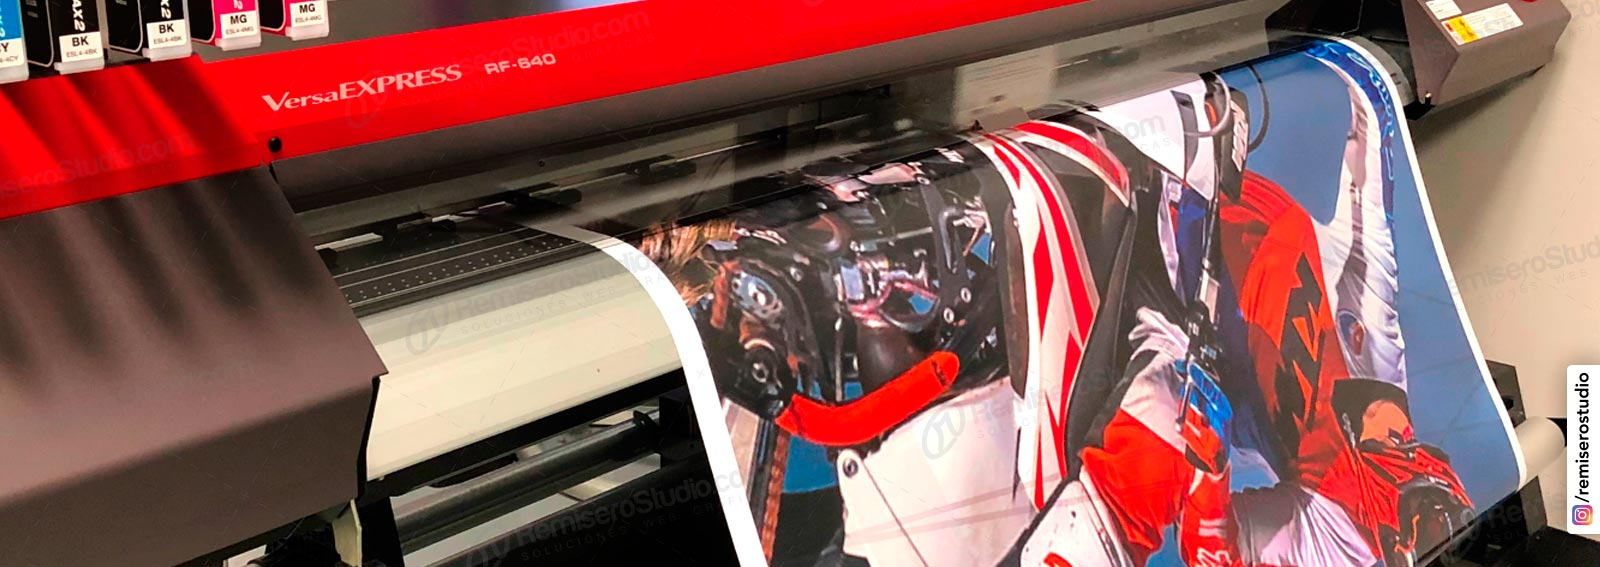 Impresión en vinil adhesivo Full color Alta Resolución 1440 dpi para Carteleria y publicidad